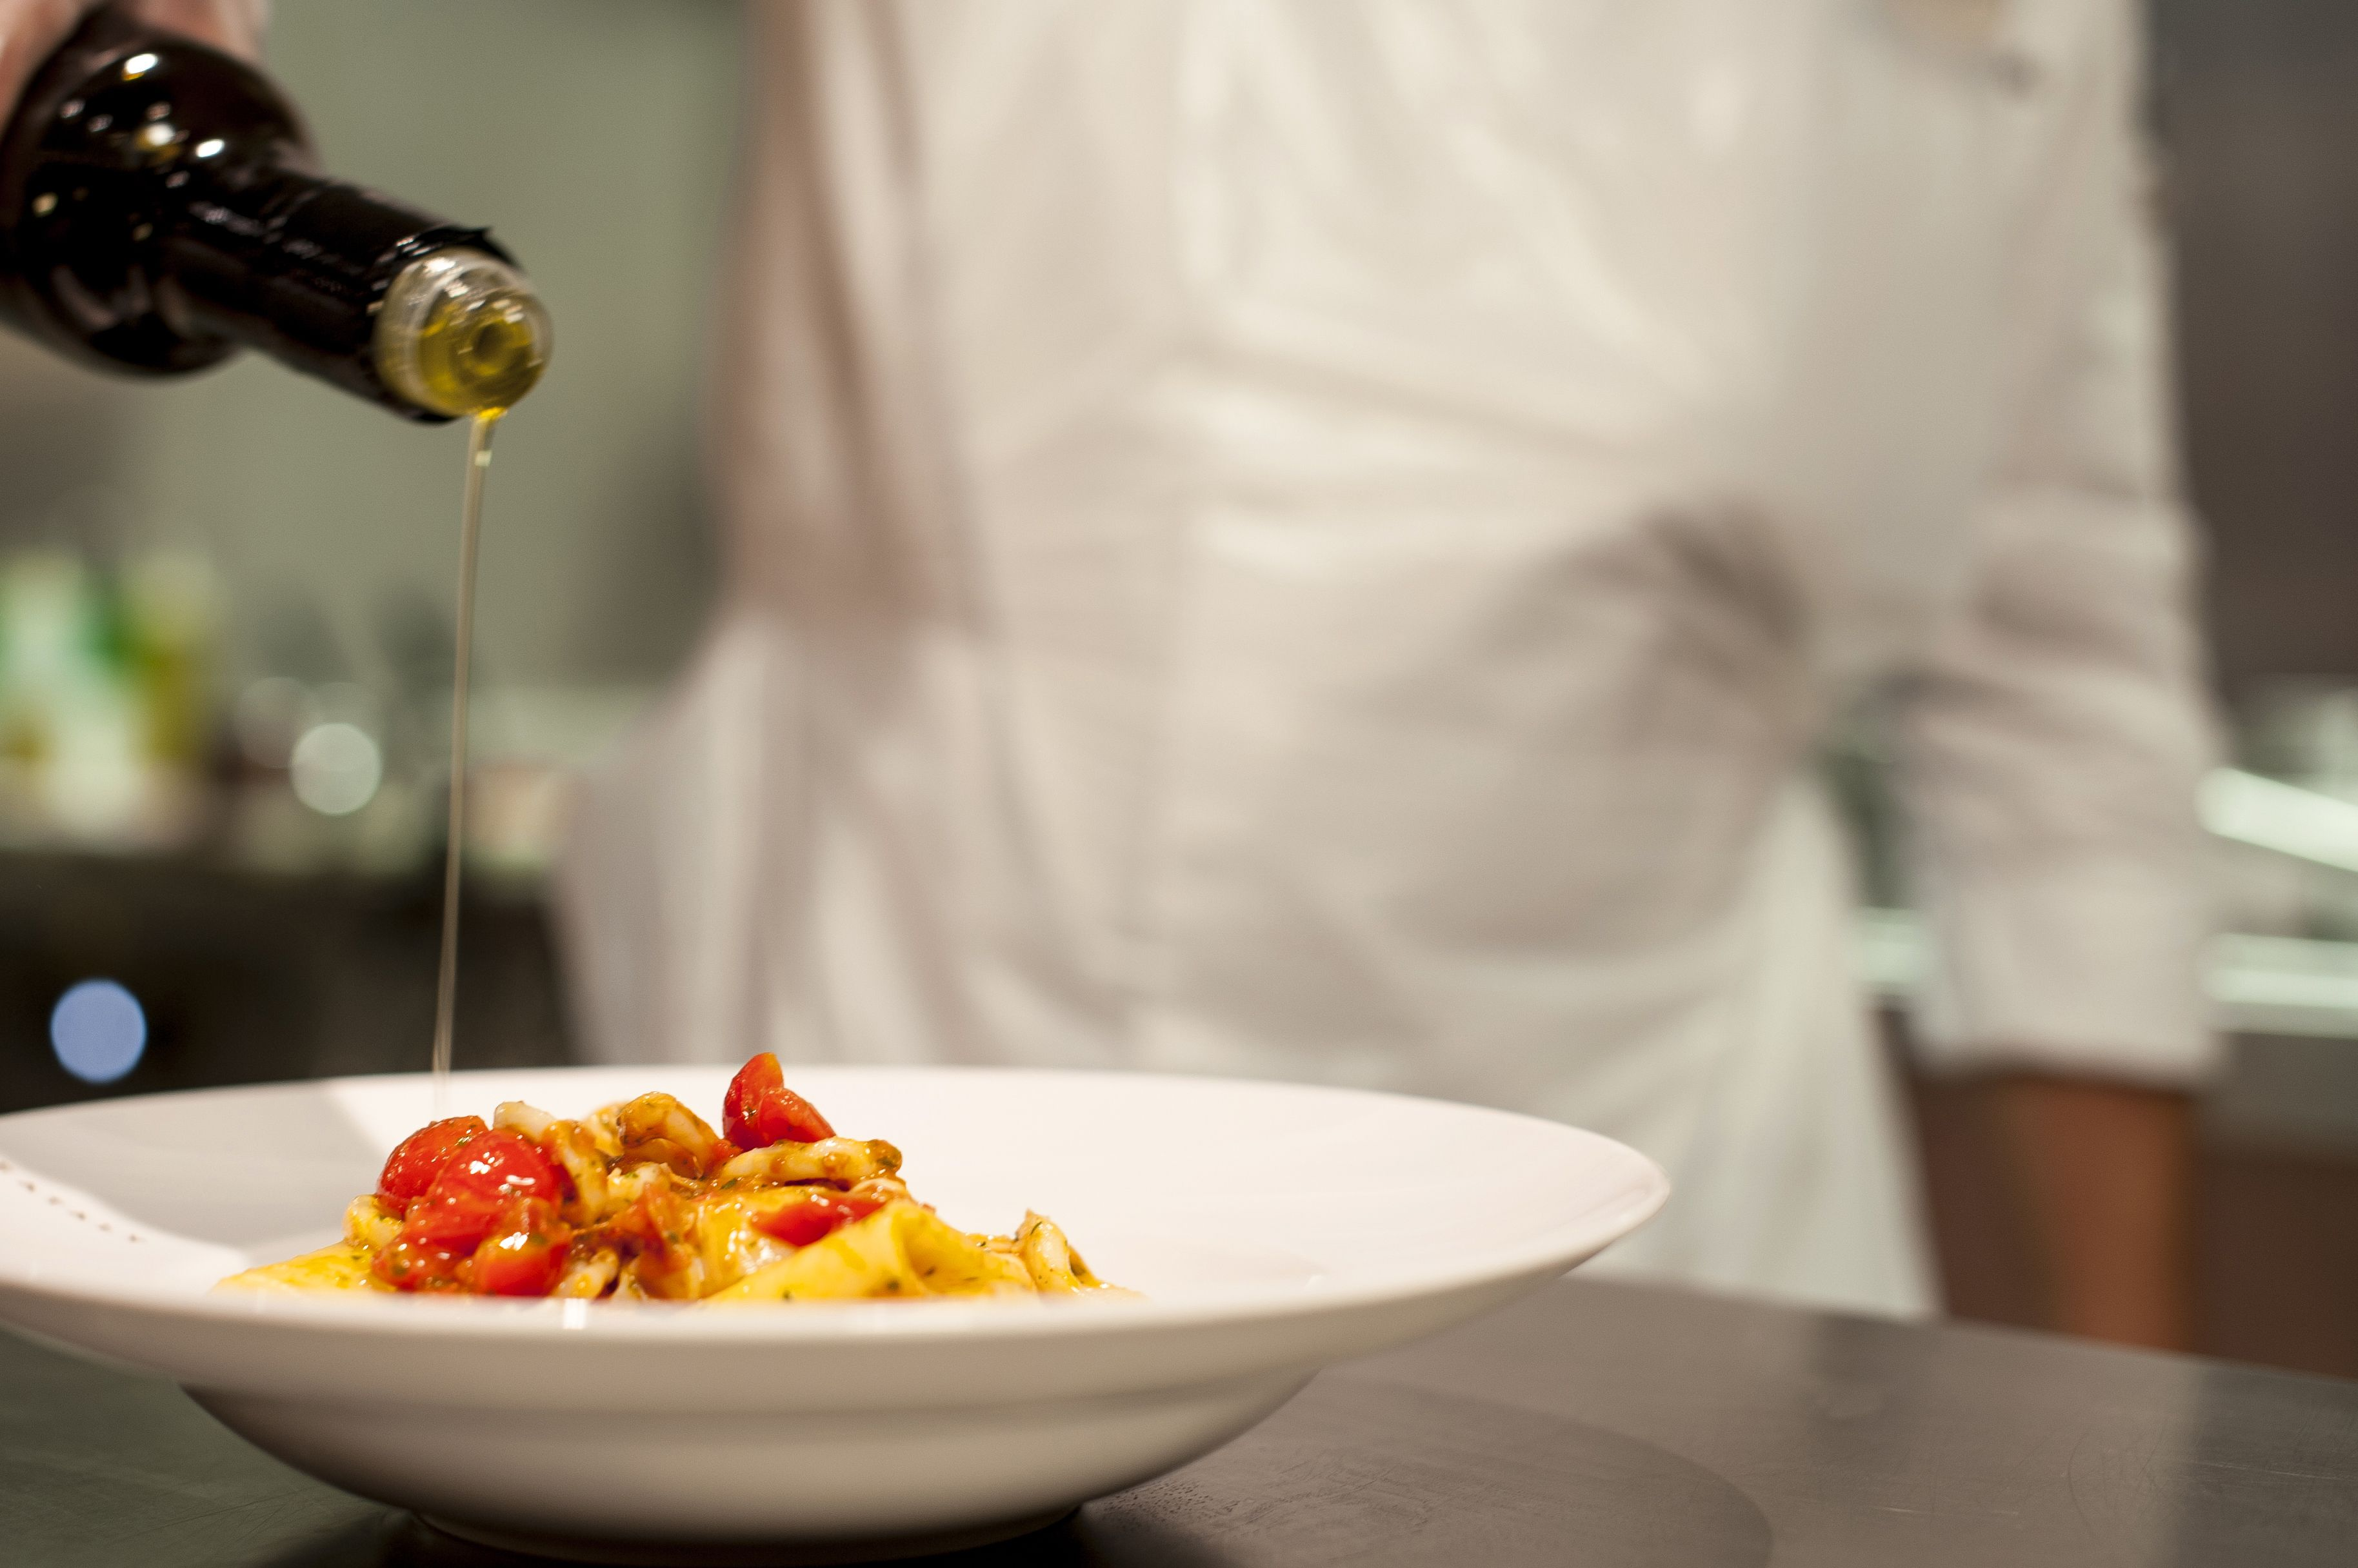 Een MSC-cruise is een unieke kans om te genieten van verfijnd eten, heerlijke diners en lekkere, all-inclusive menu's in onze elegante restaurants met een Italiaanse en internationale keuken. #pasta #olijfolie